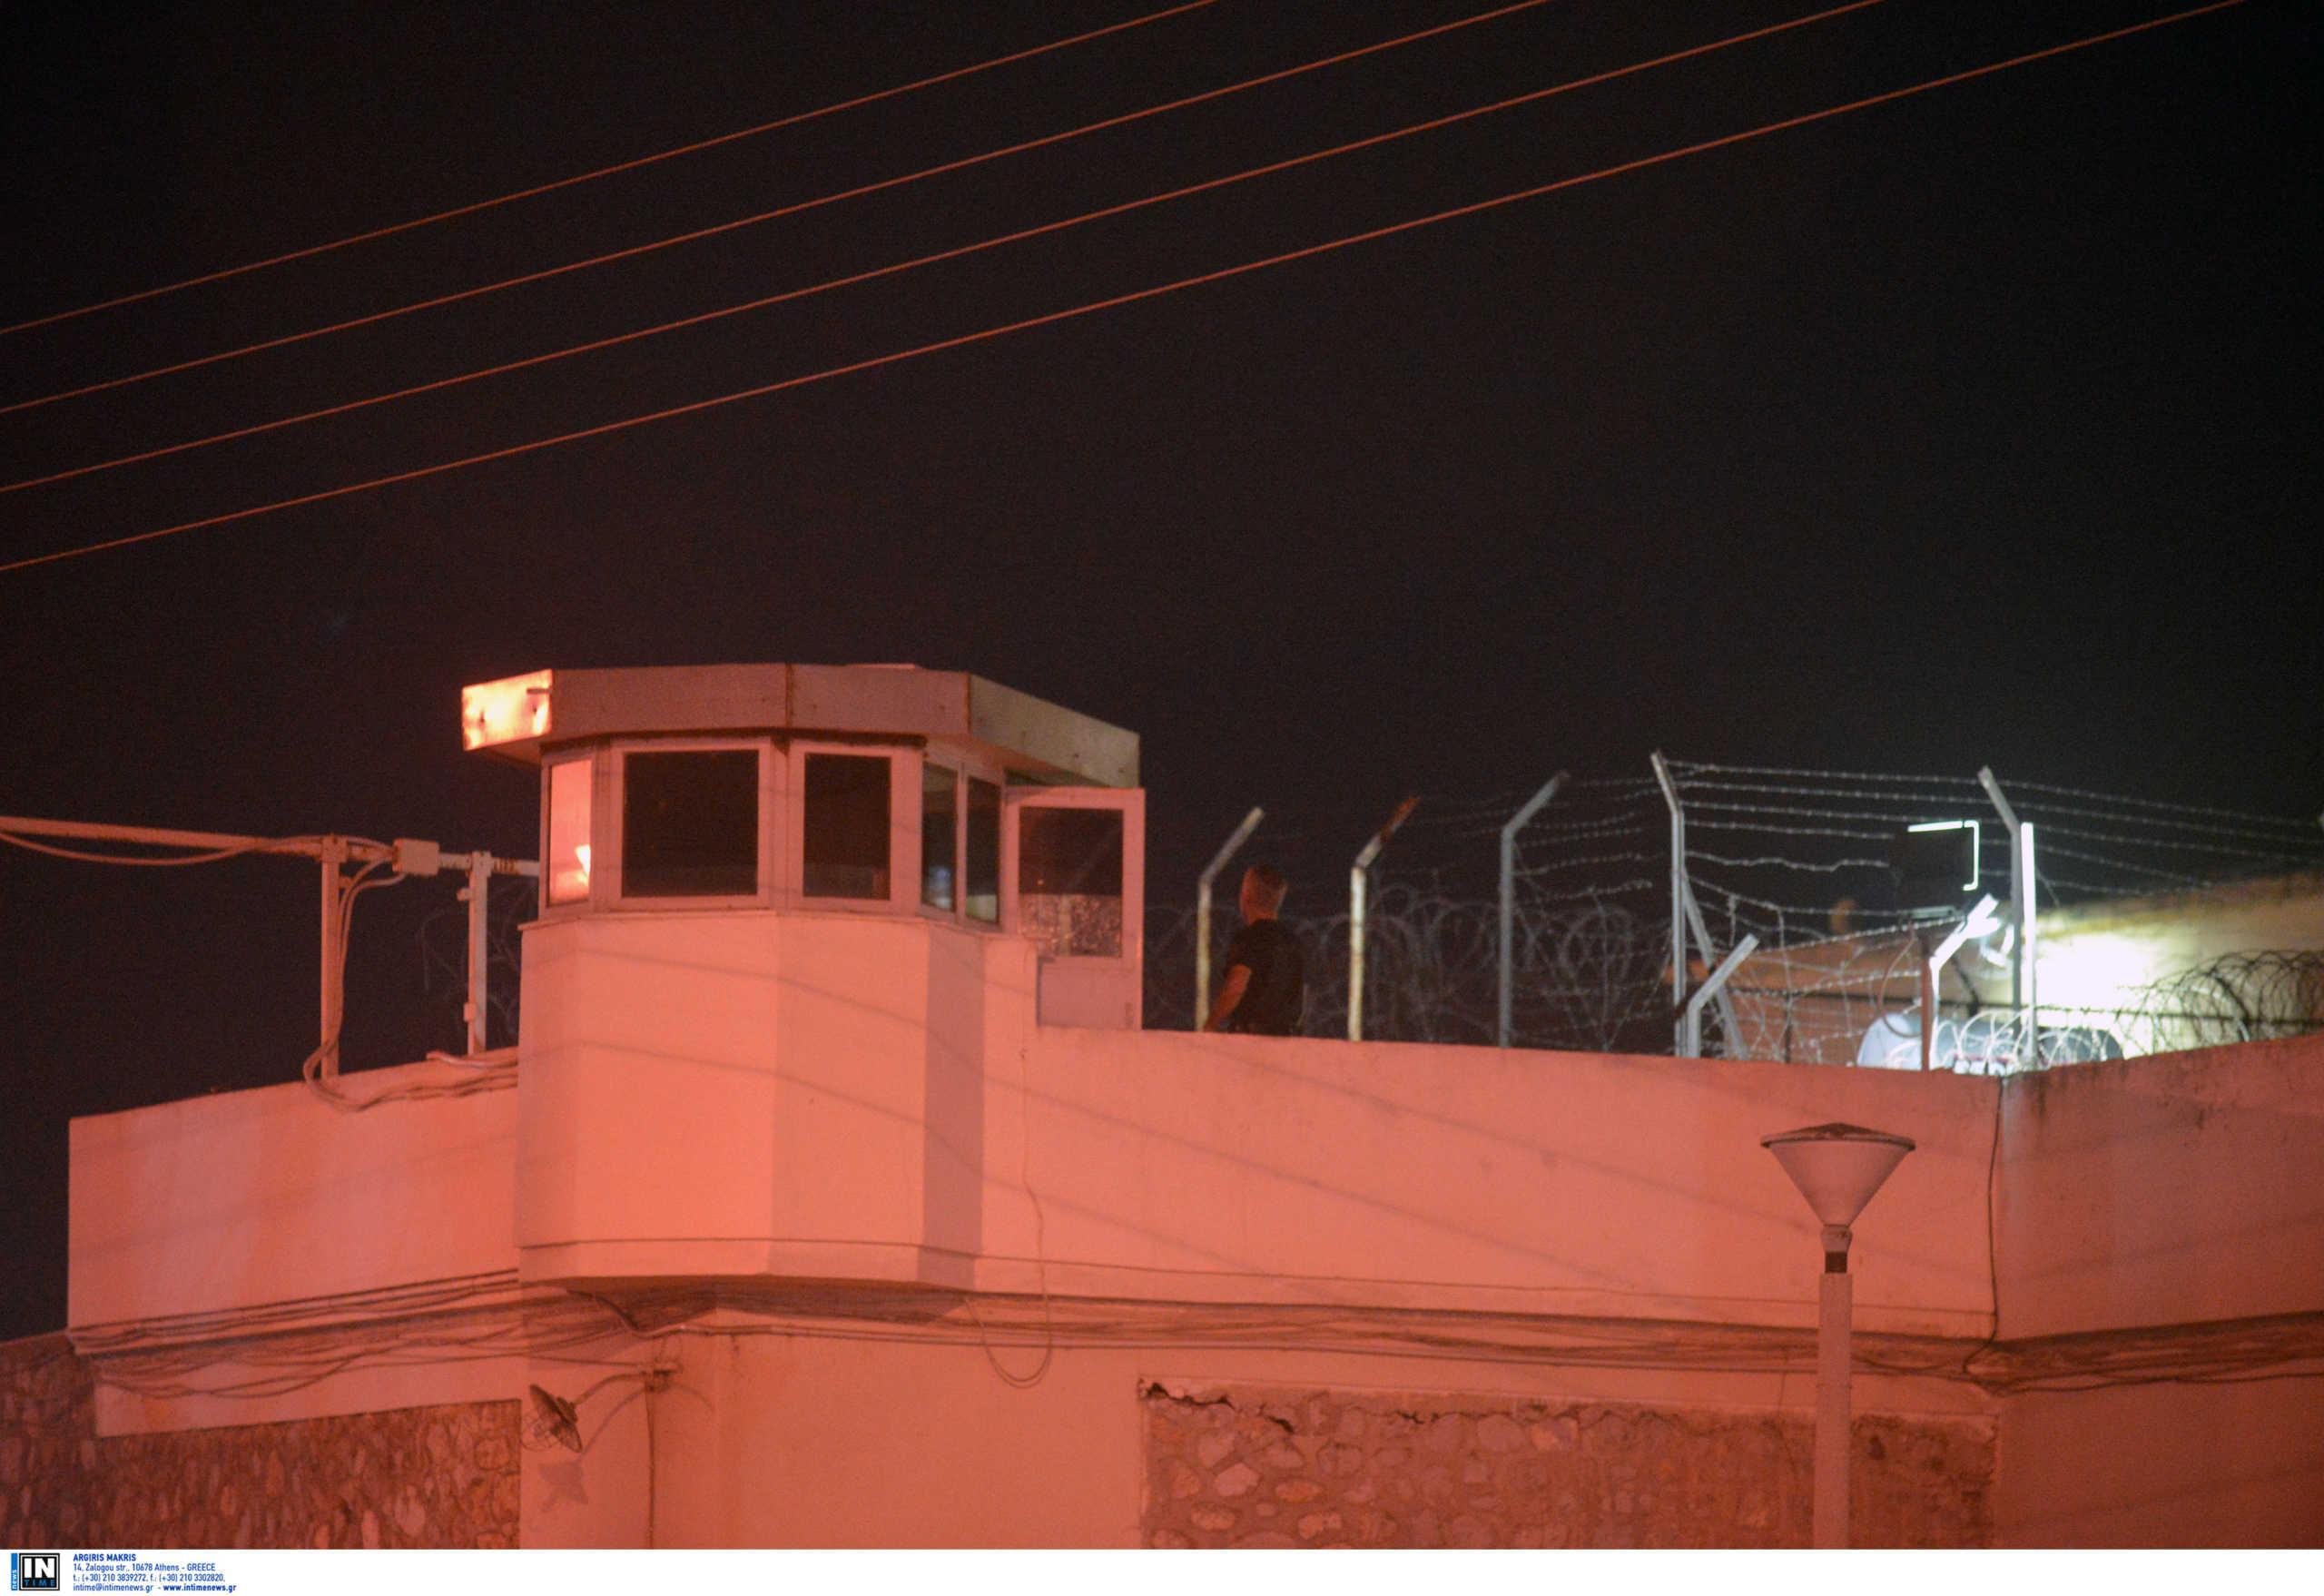 Έκρυψε στον πρωκτό του 3 (!) κινητά για να τα περάσει στις φυλακές Τρικάλων